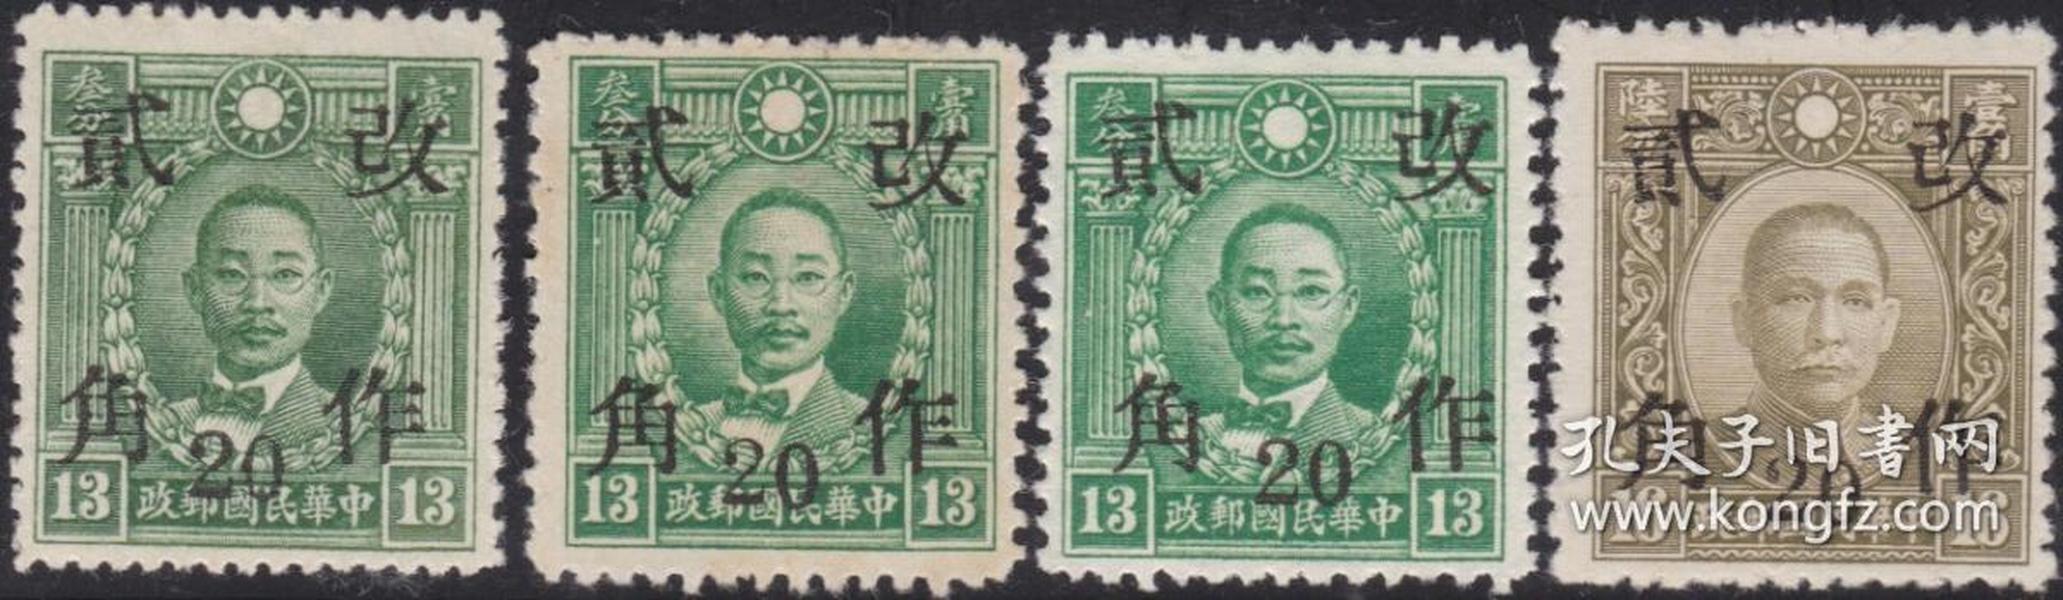 【民国邮票民普33 陕西加盖4全 】